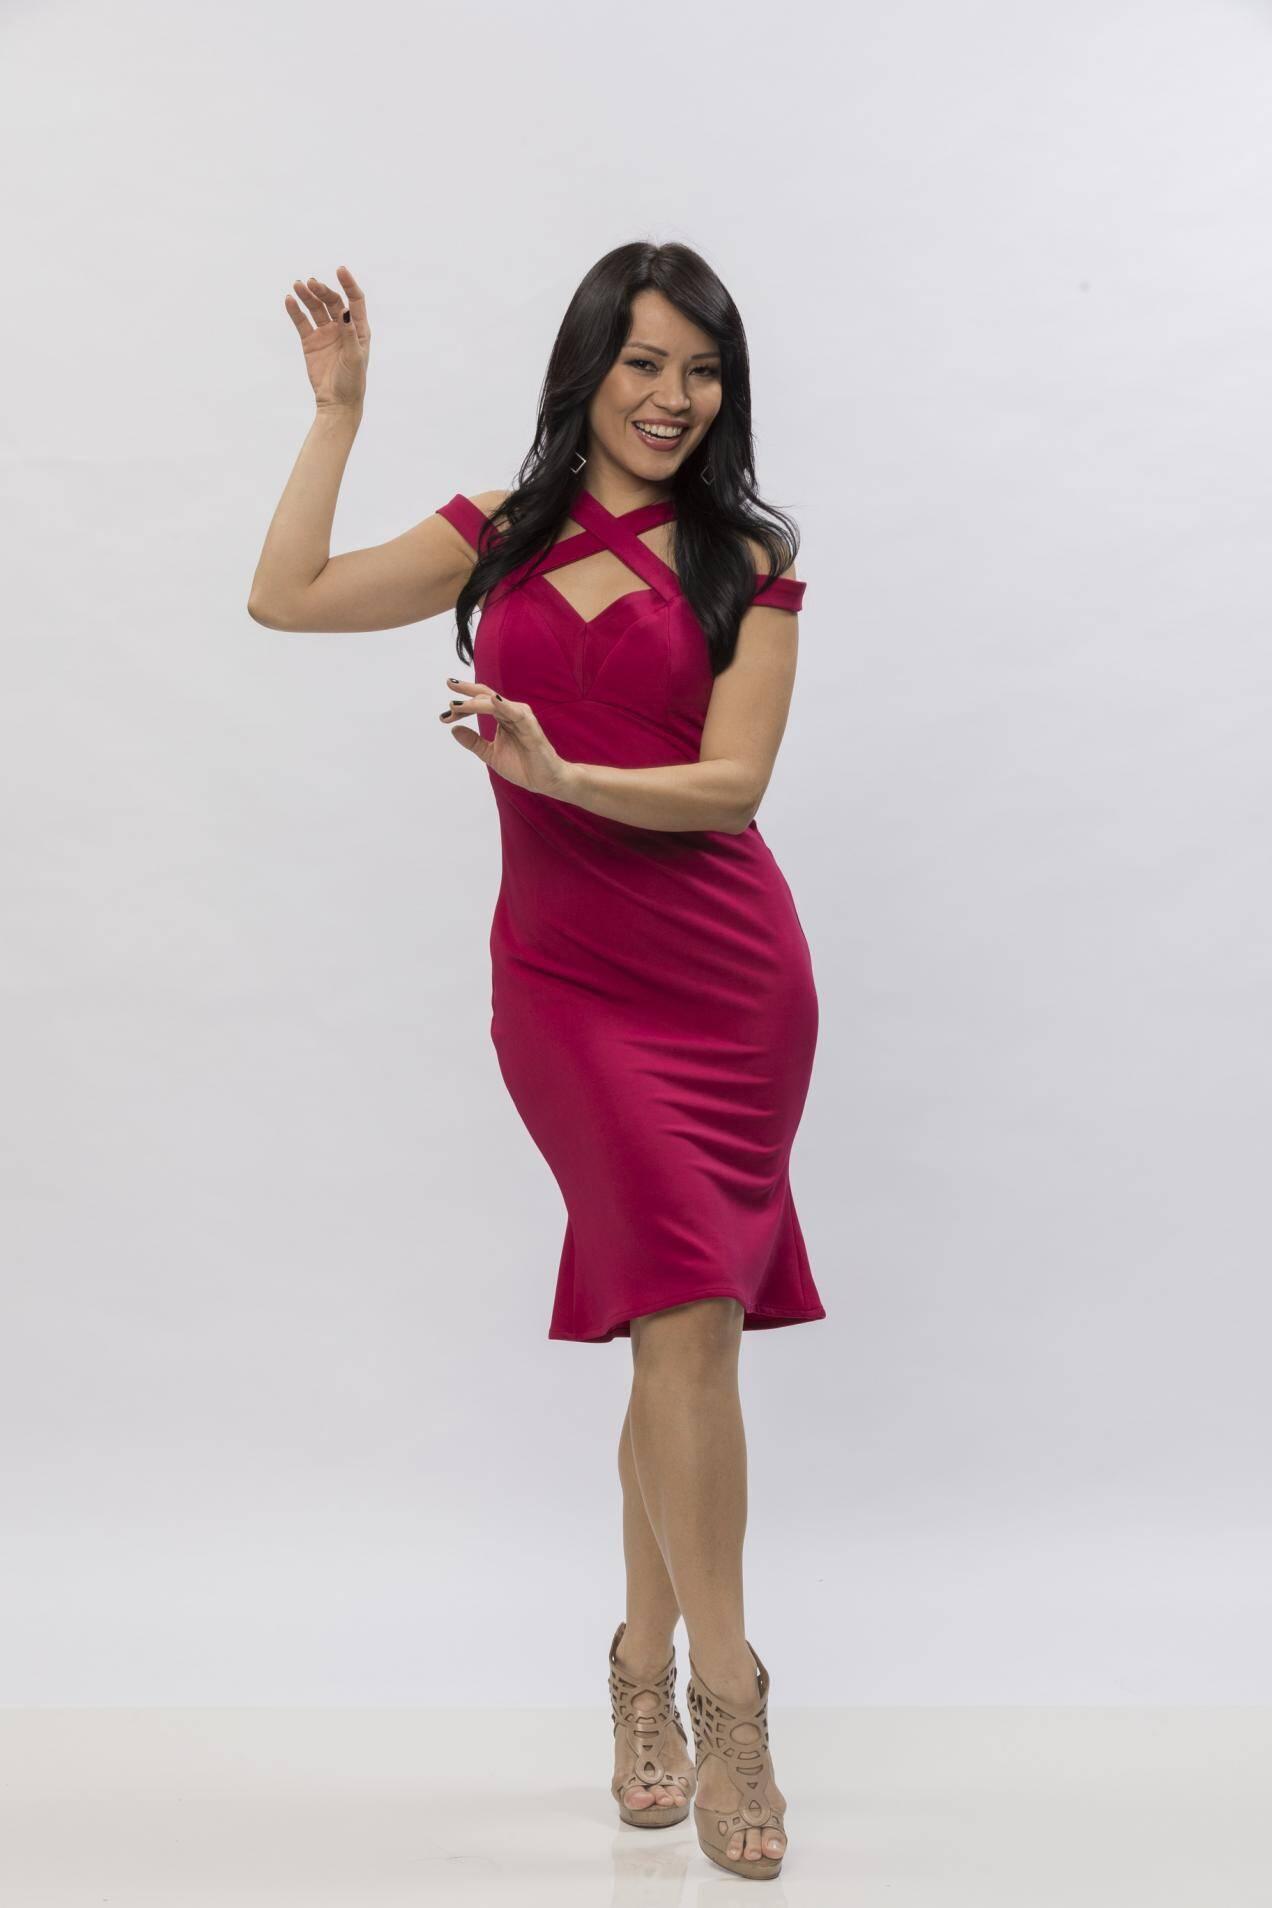 Geovanna Tominaga, apresentadora e atriz, 37 anos. Foto: Divulgação